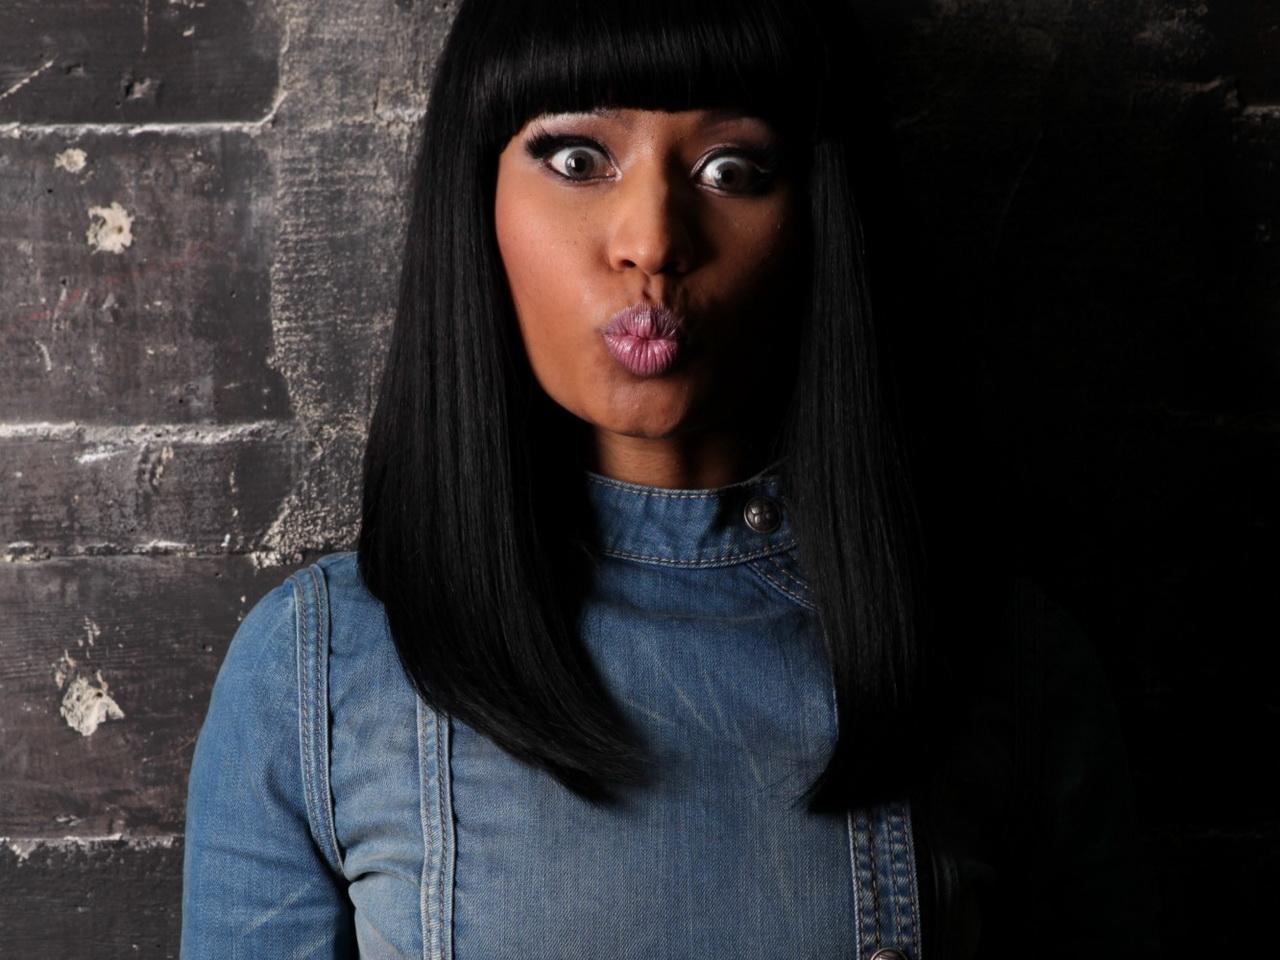 http://2.bp.blogspot.com/-zllWi3EQlc8/T3yrpzg3FwI/AAAAAAAAOks/1XpJ0eO_9Js/s1600/Nicki-Minaj-010.jpg